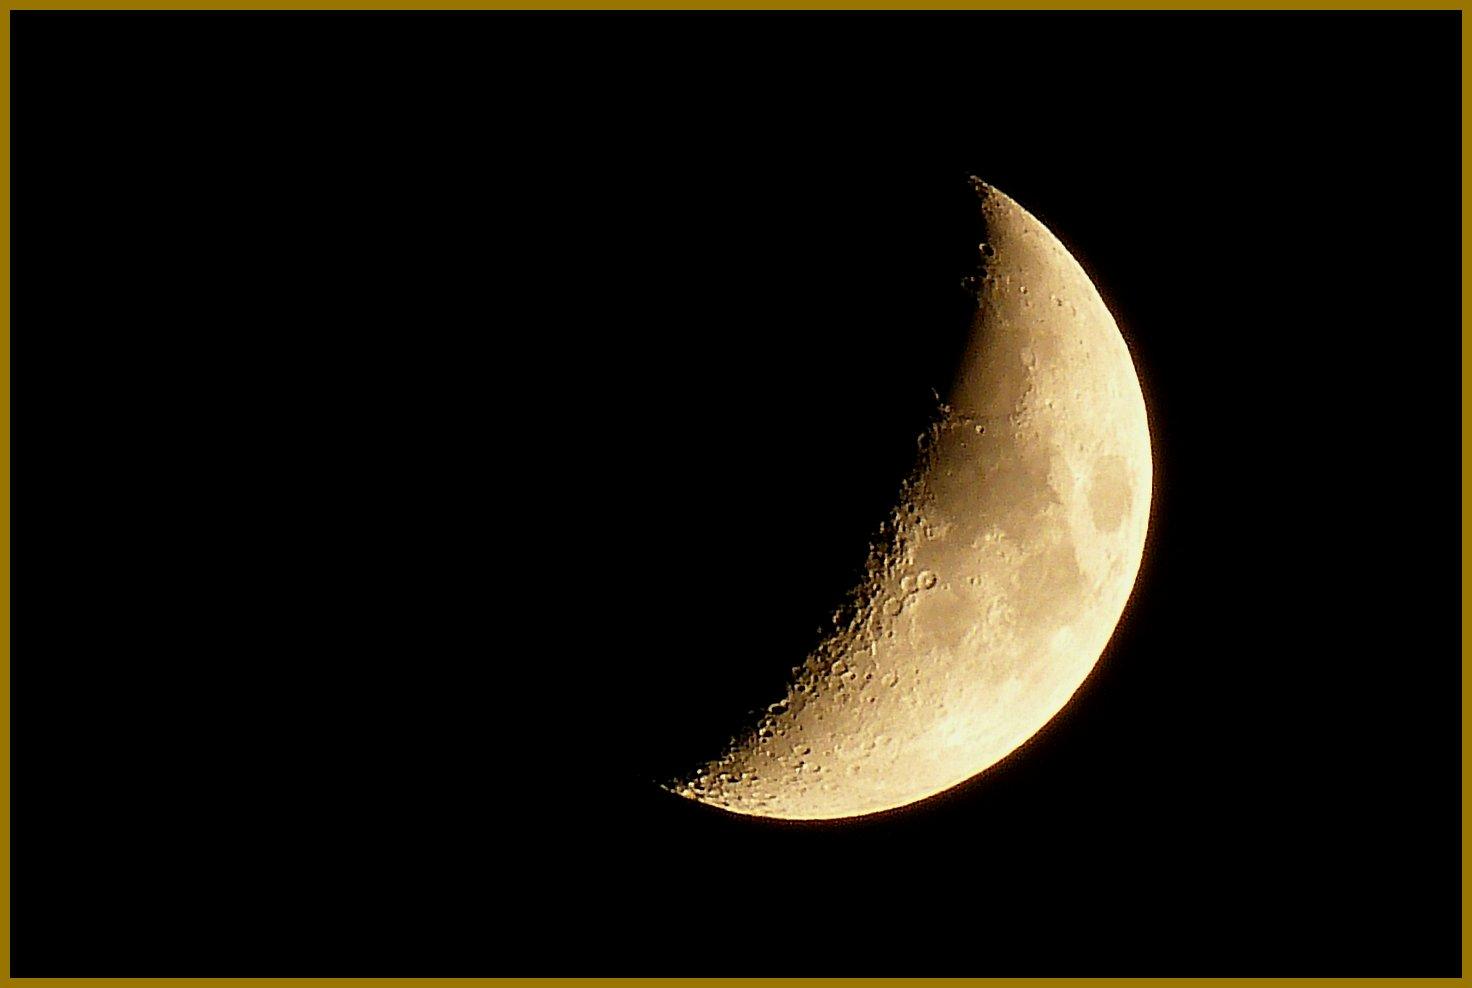 Mond am 10.10.13, ca. 22 Uhr (zunehmend)